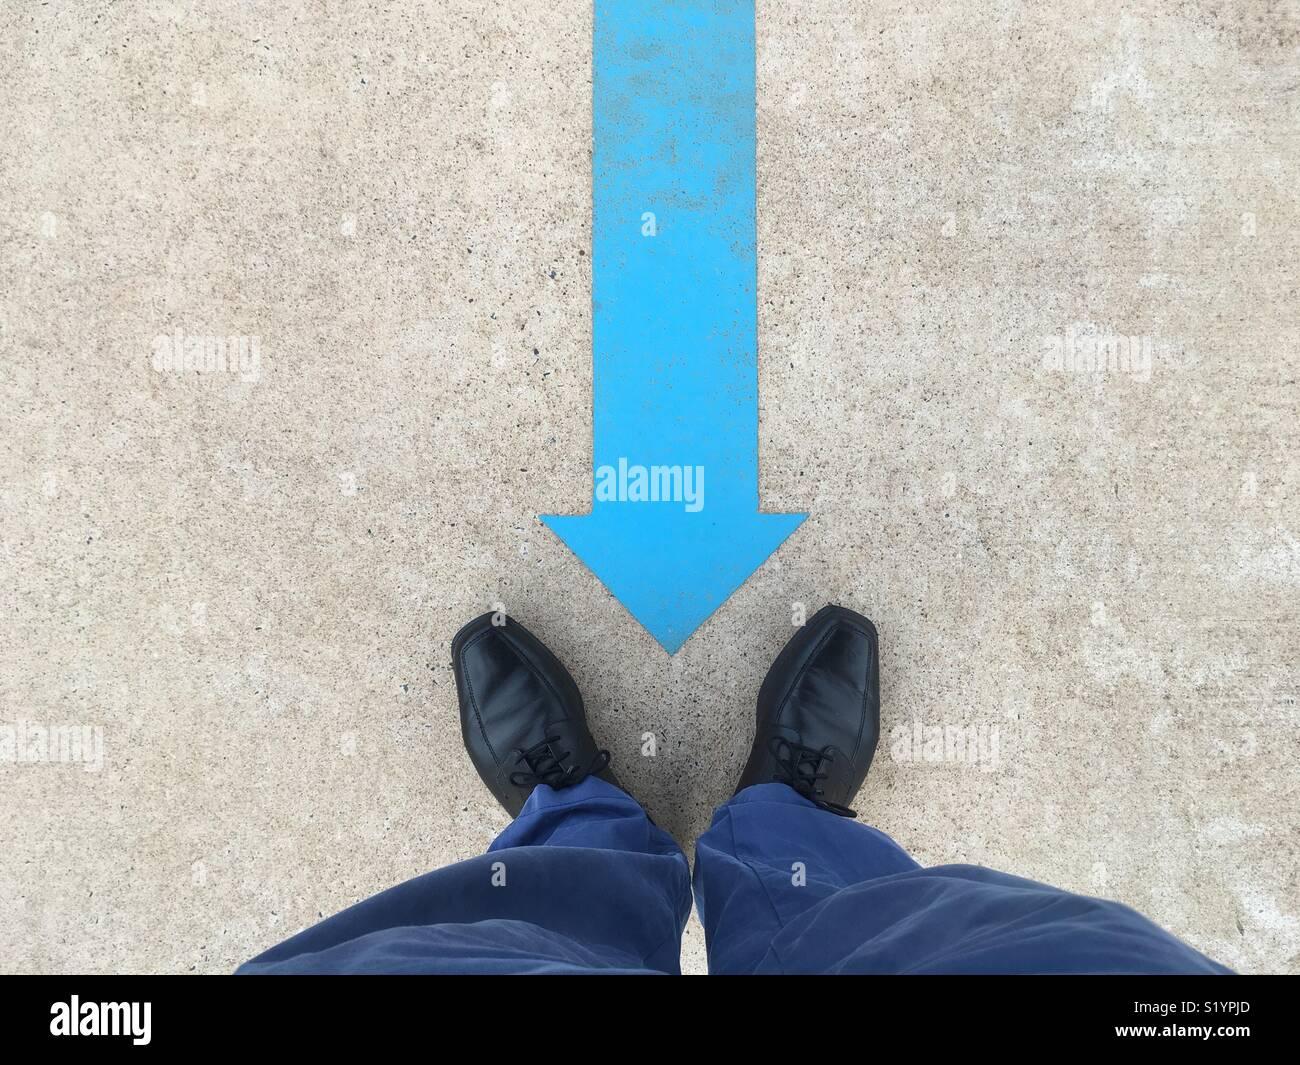 Una freccia blu dipinta sul terreno che puntano a un uomo di nero scarpe e pantaloni blu. Immagini Stock